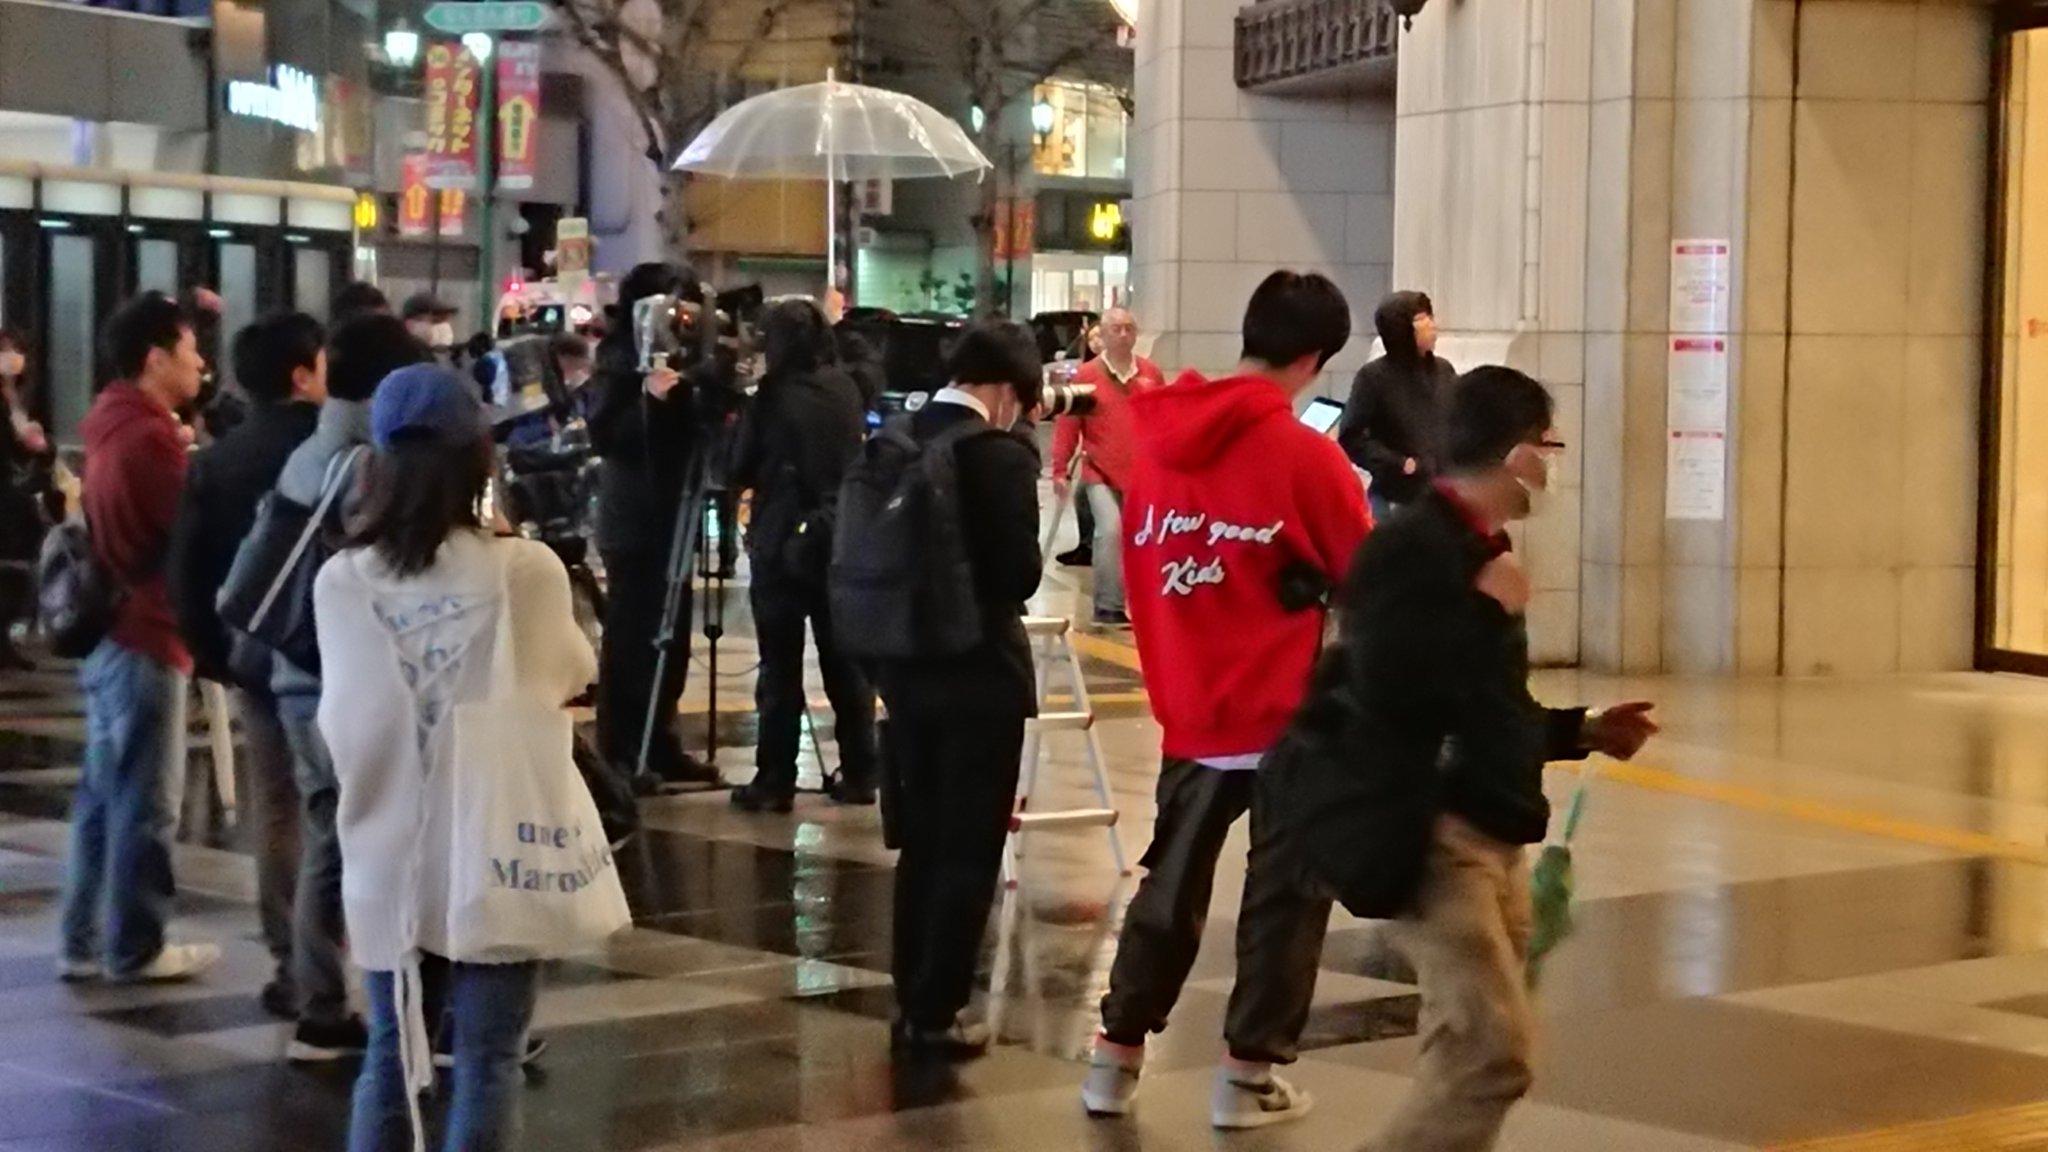 高島屋大阪店でコロナ感染者が出て報道陣が集まっている画像